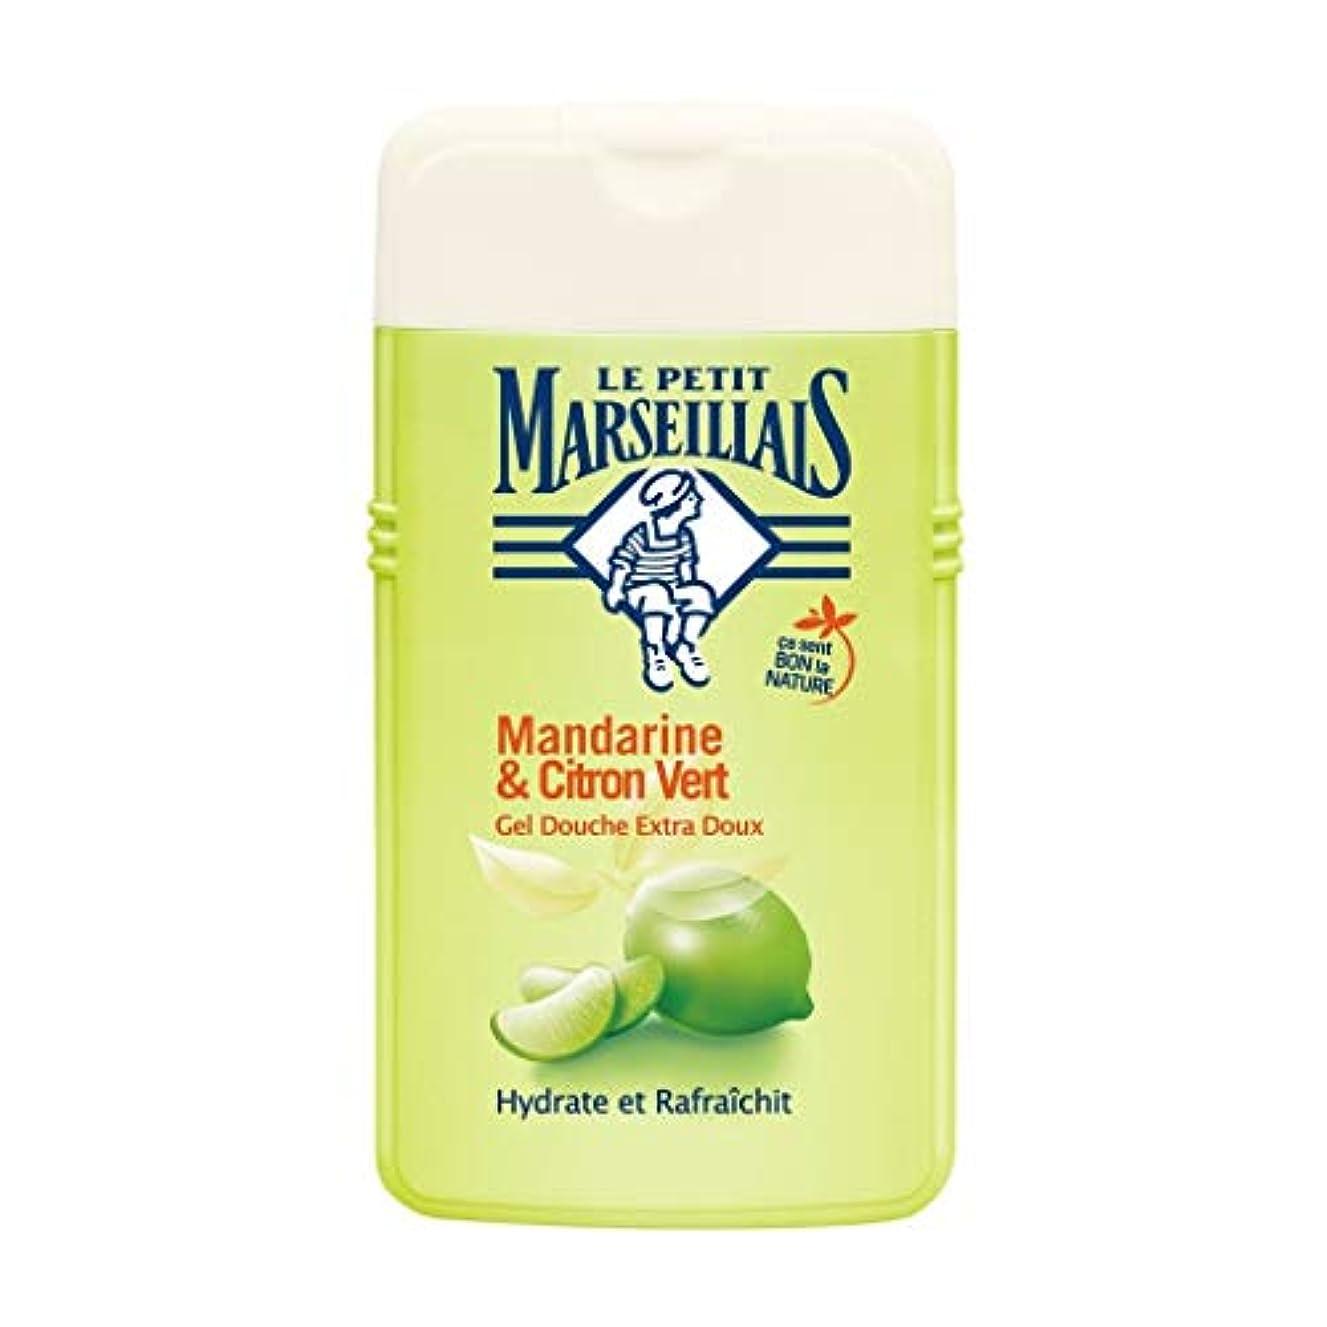 粘着性バリア被るル プティ マルセイユ Le Petit Marseillais シャワージェル/ボディソープ (マンダリンオレンジ と ライム, 250 ml)